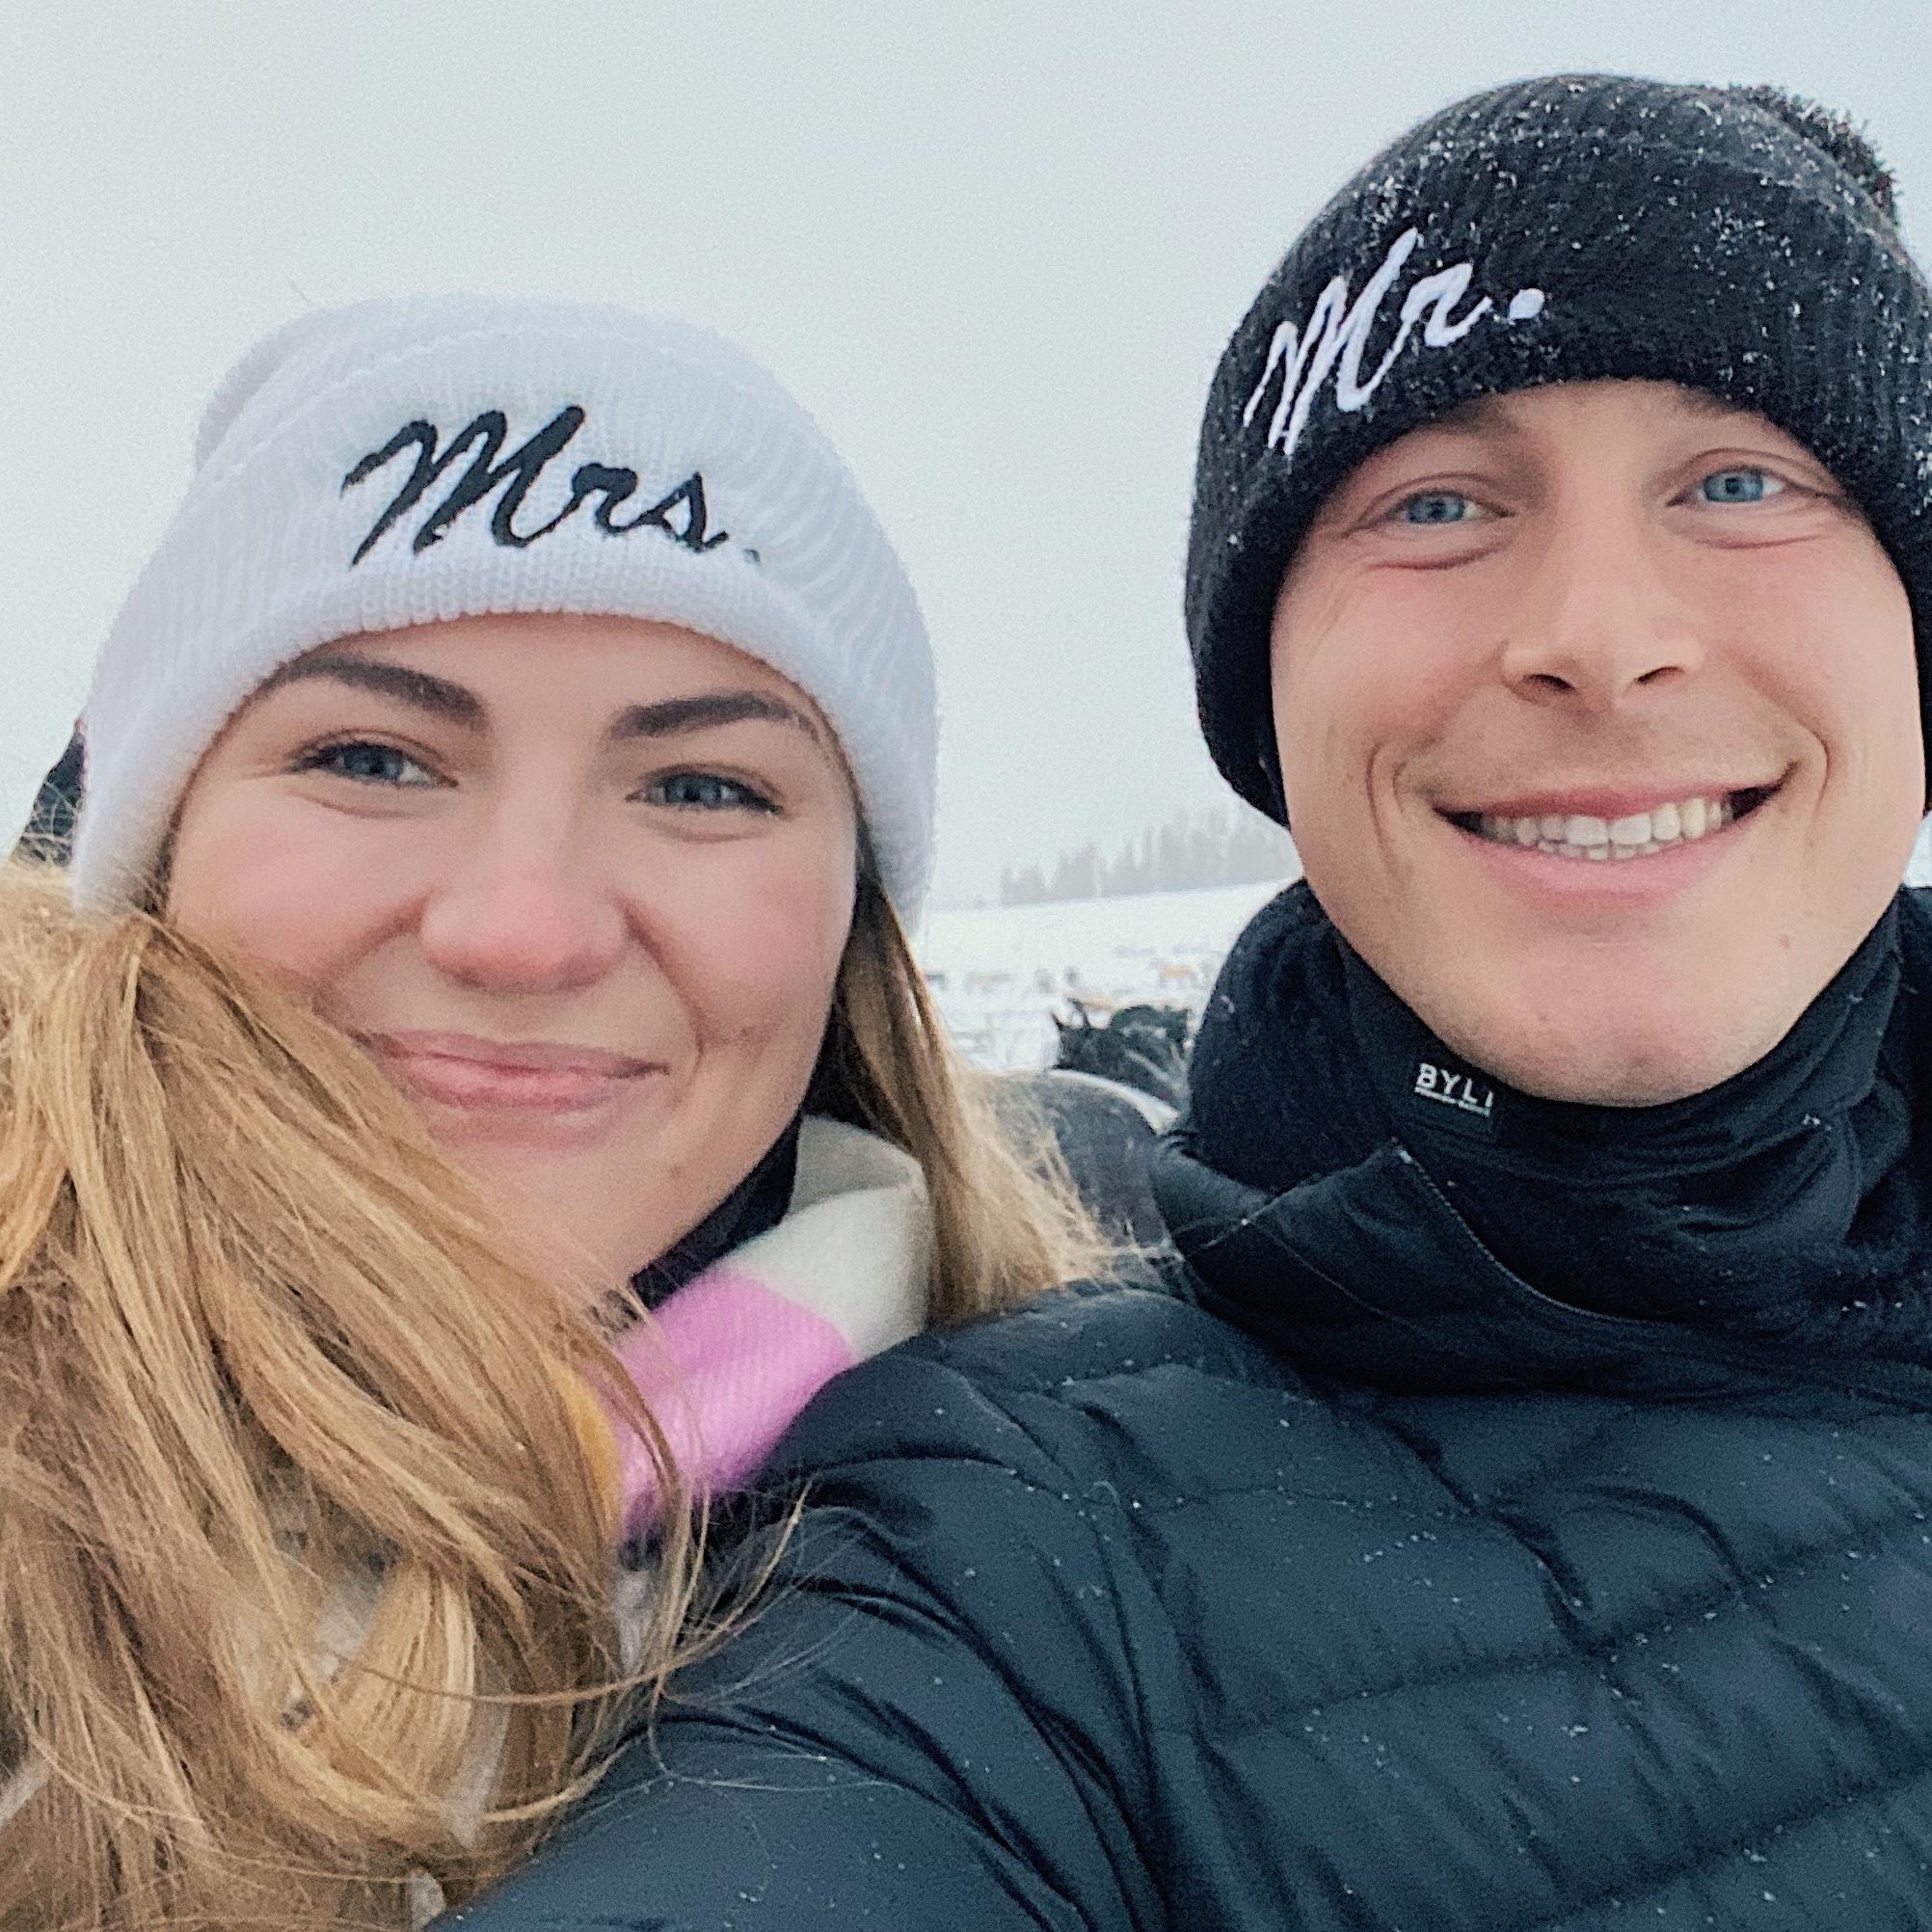 Meg and Alex Dunlap